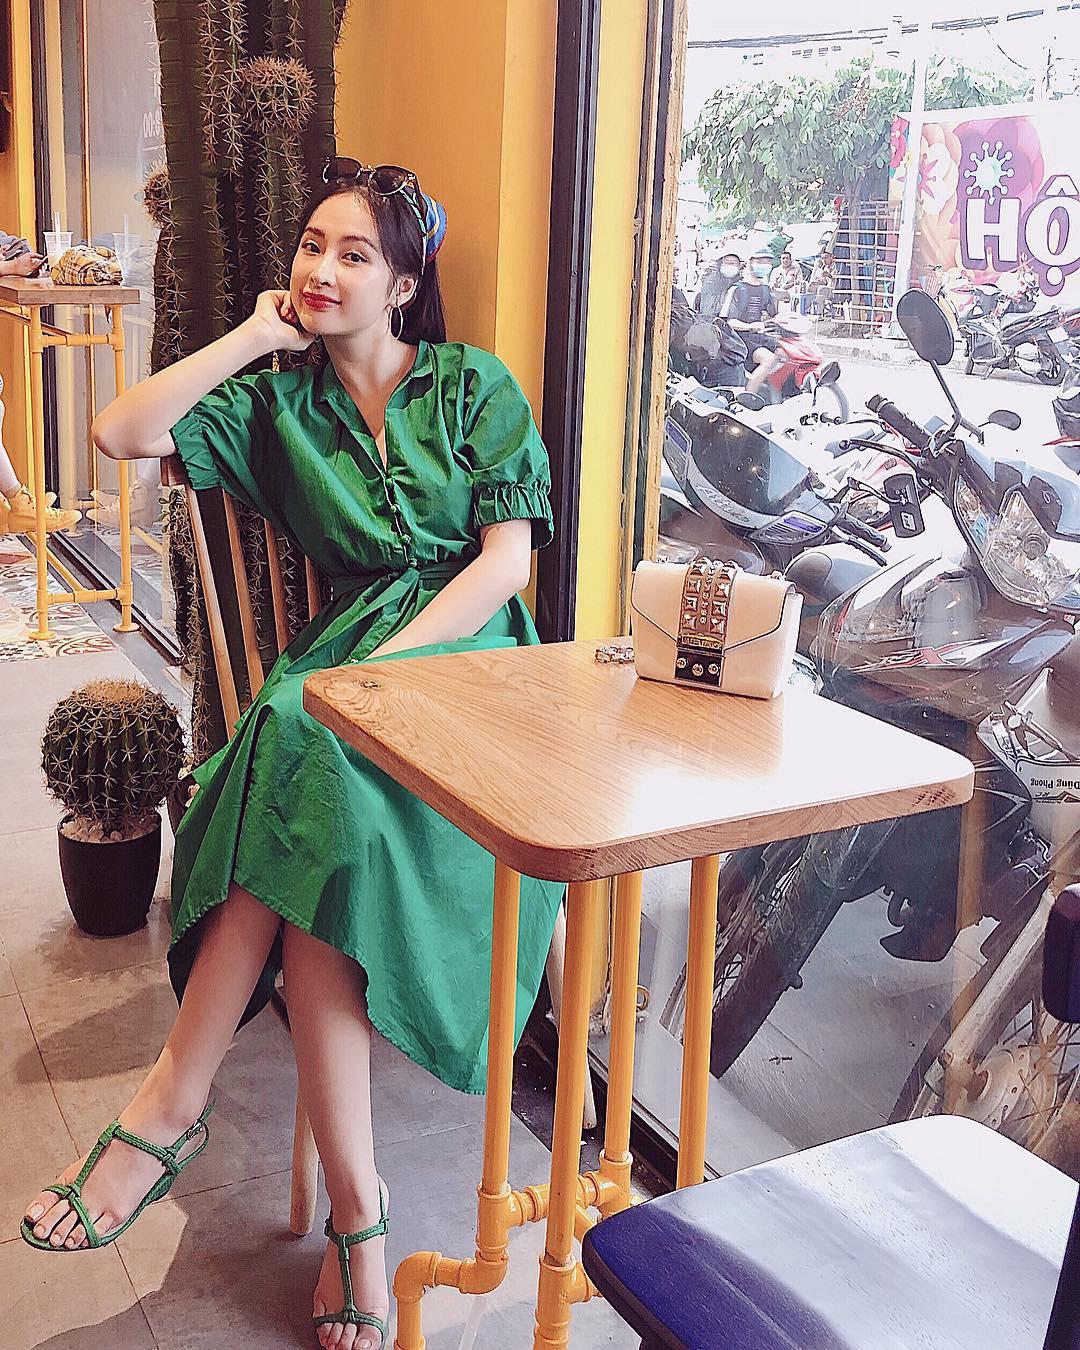 Bớt khoe thân và mặc váy gọn gàng lại thế này, Angela Phương Trinh có phải là xinh hơn nhiều không? - Ảnh 4.